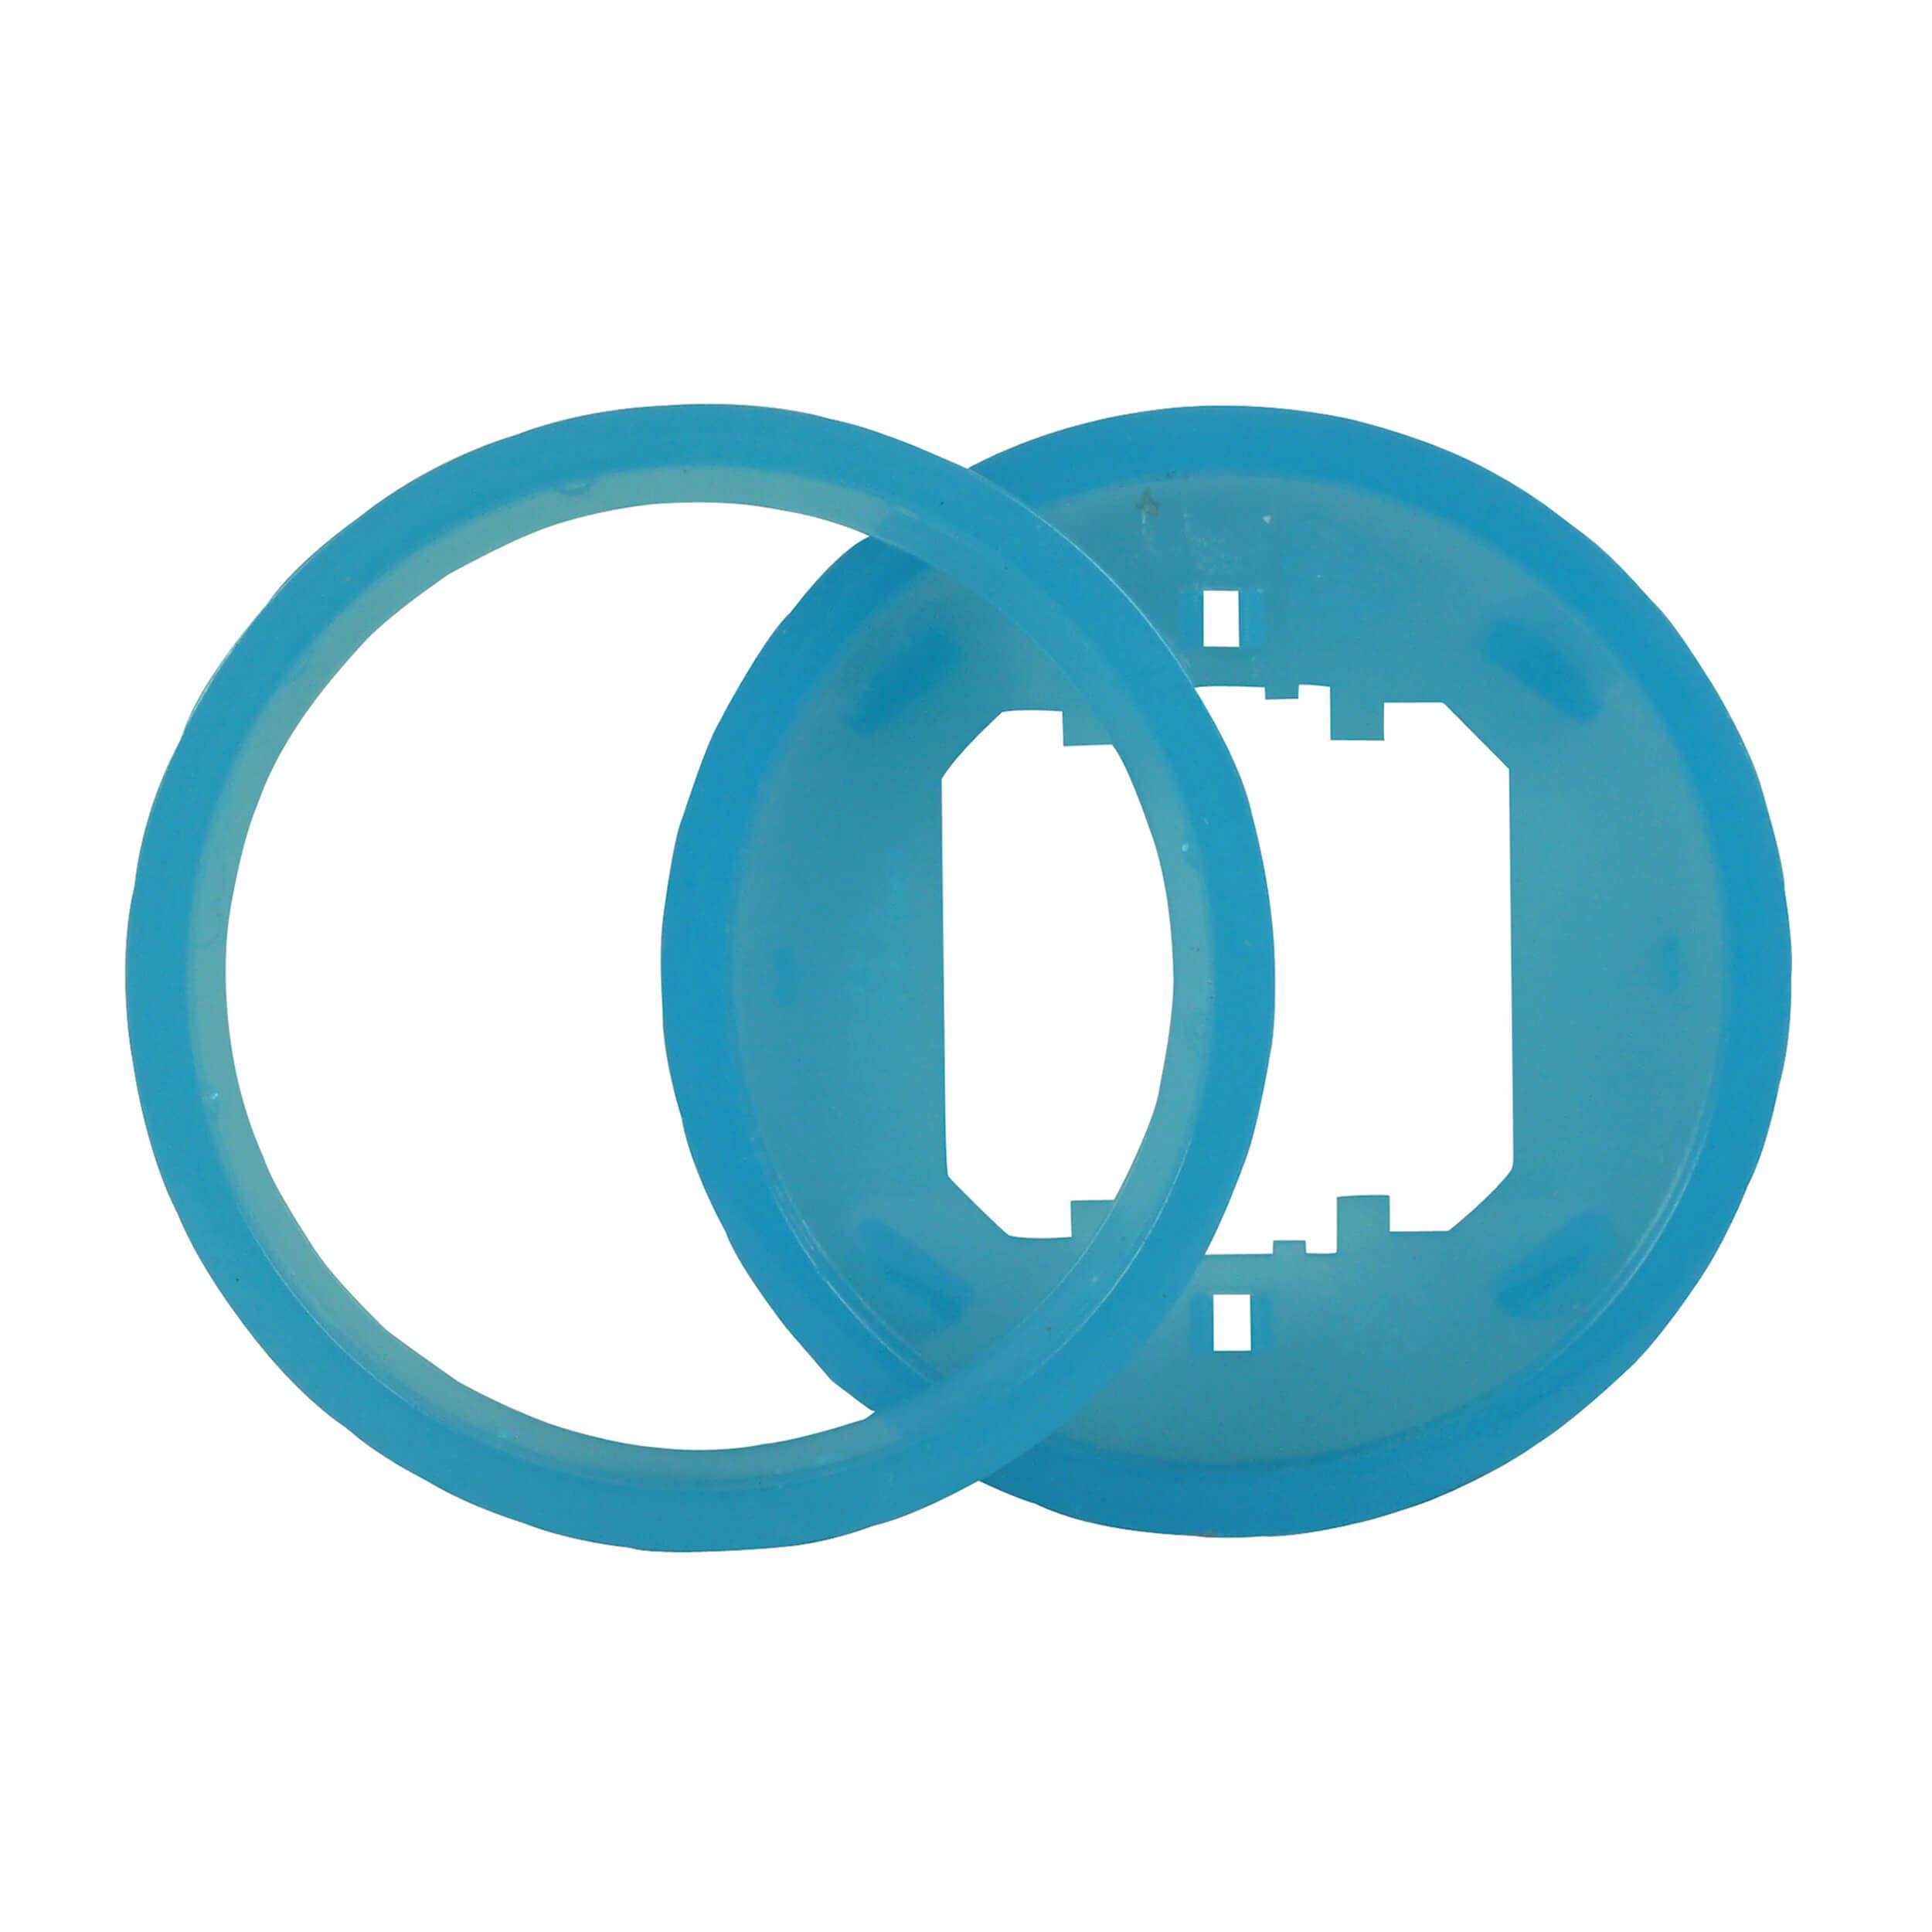 Ascoli Farbring-Einlegering 2+2 für Schalter- und Steckdosenprogramm, blau